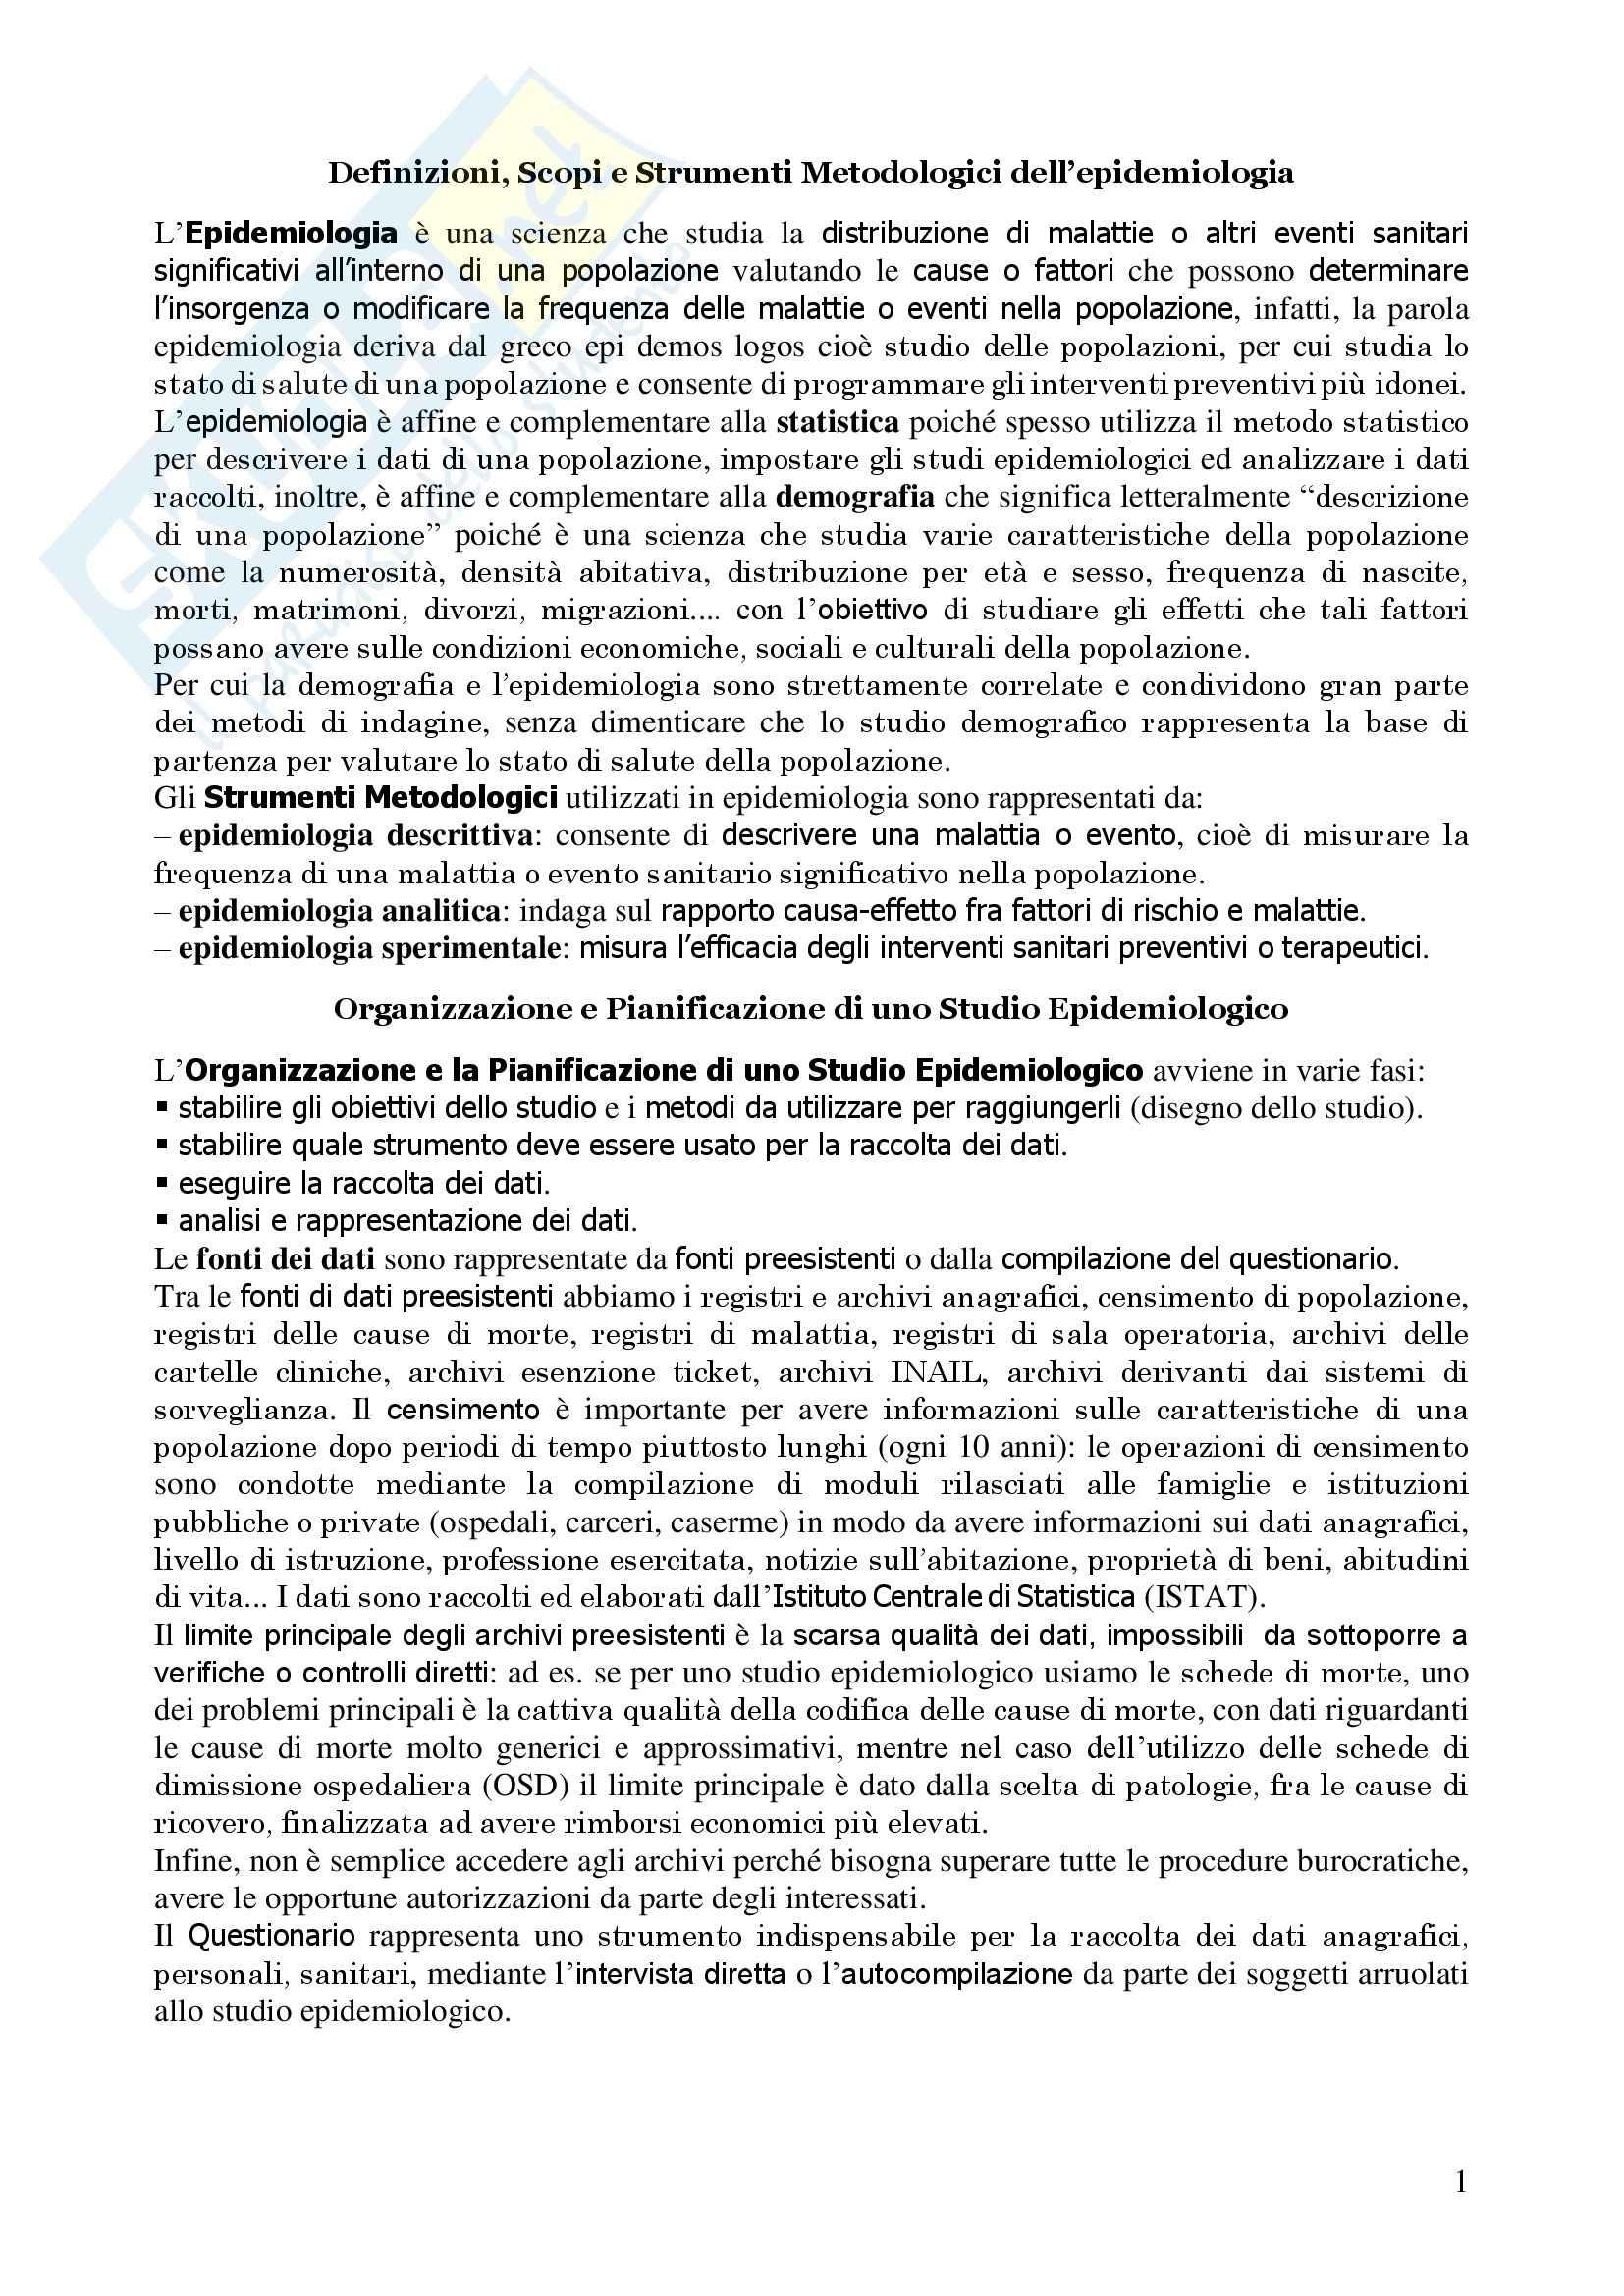 Metodologia Epidemiologica ed Igiene - Corso completo